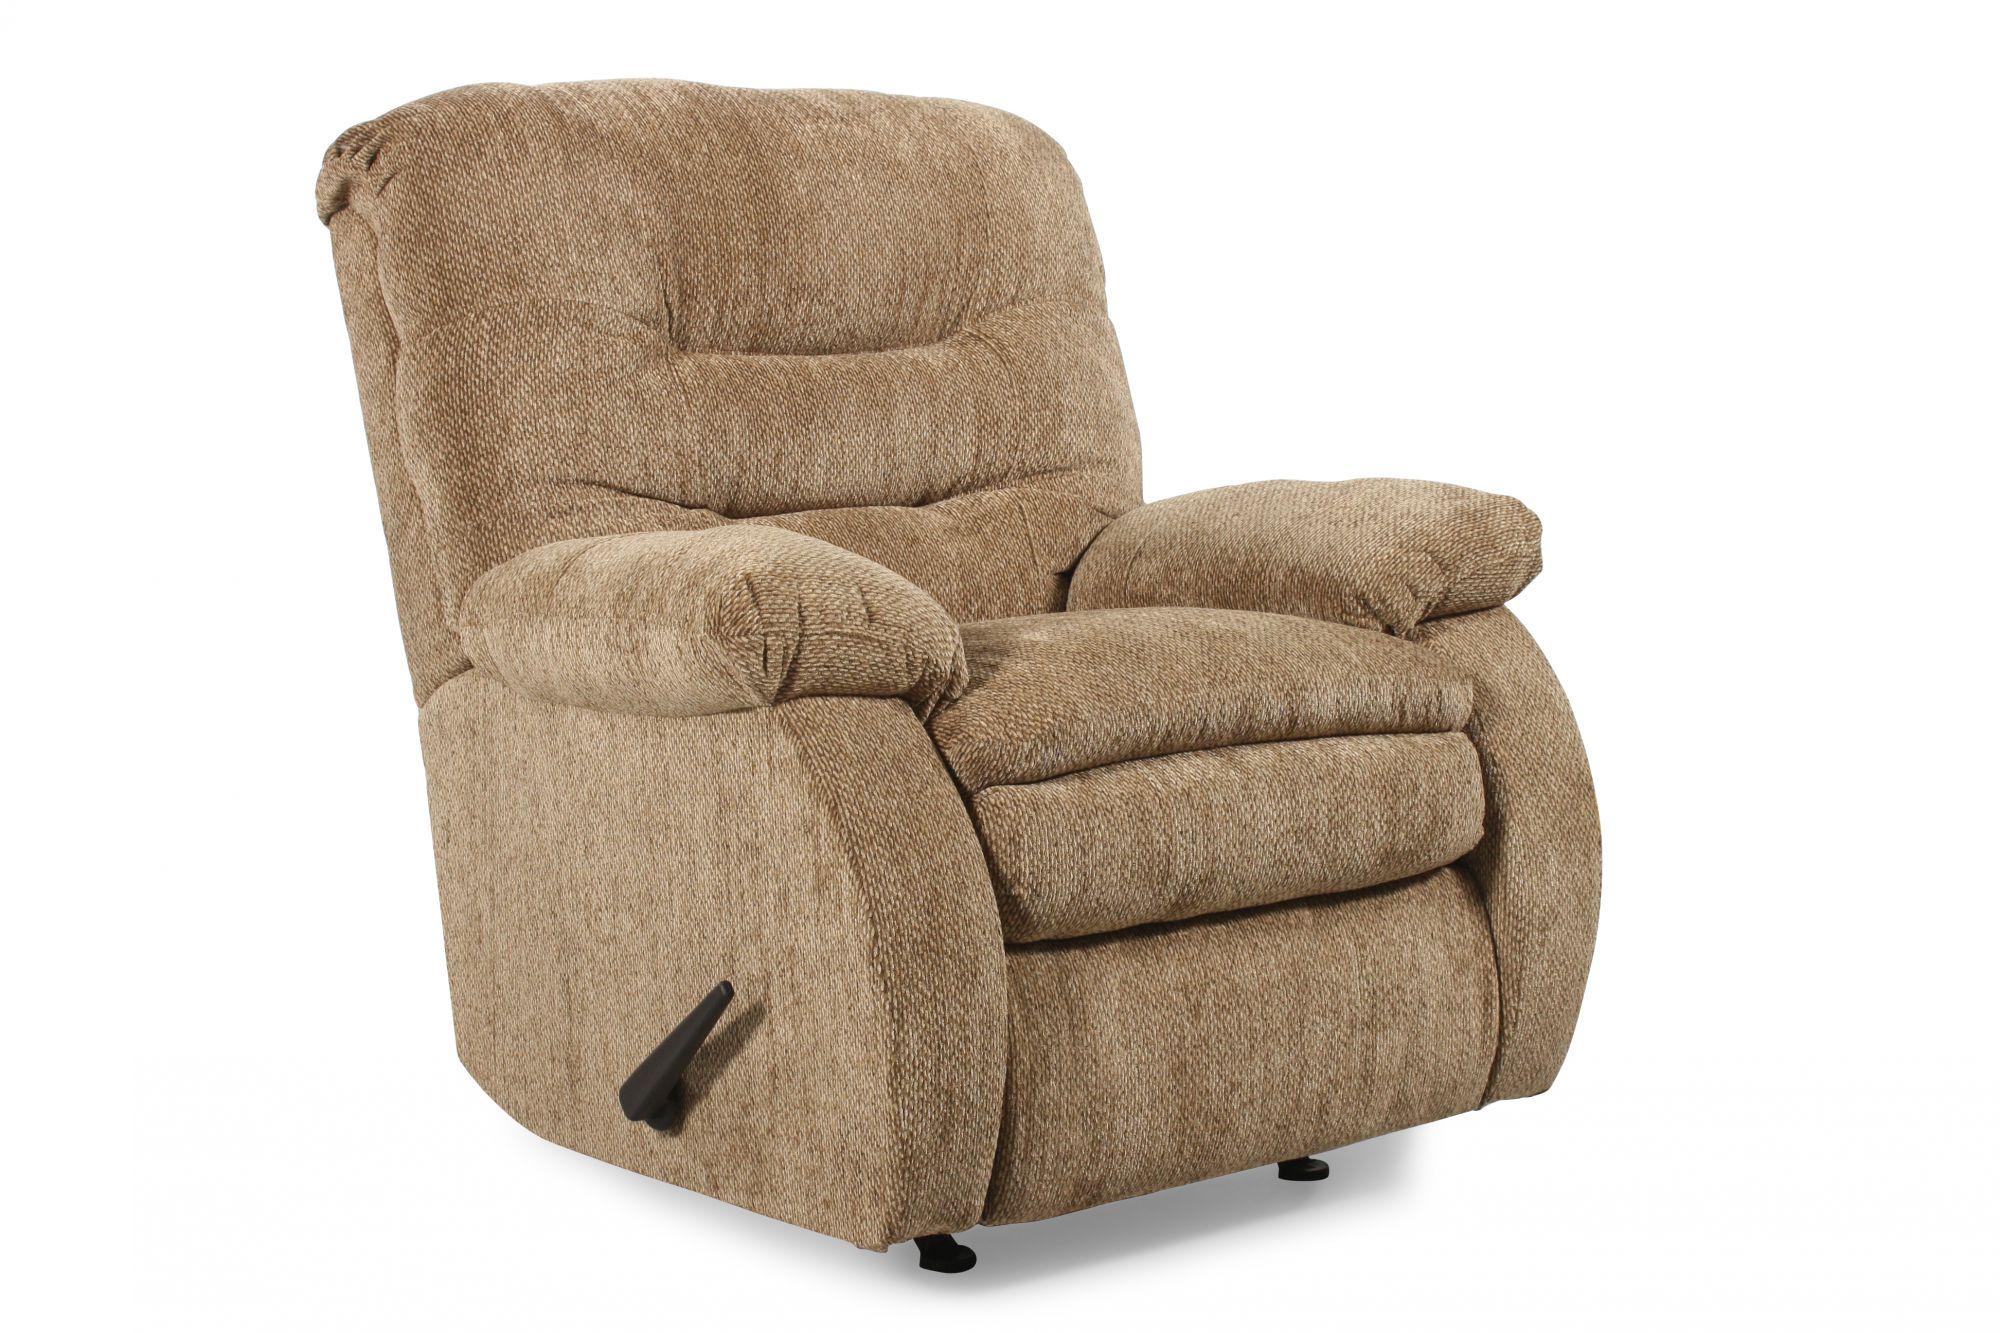 Lane zero gravity laredo tan rocker recliner mathis - Zero gravity recliner chair for living room ...